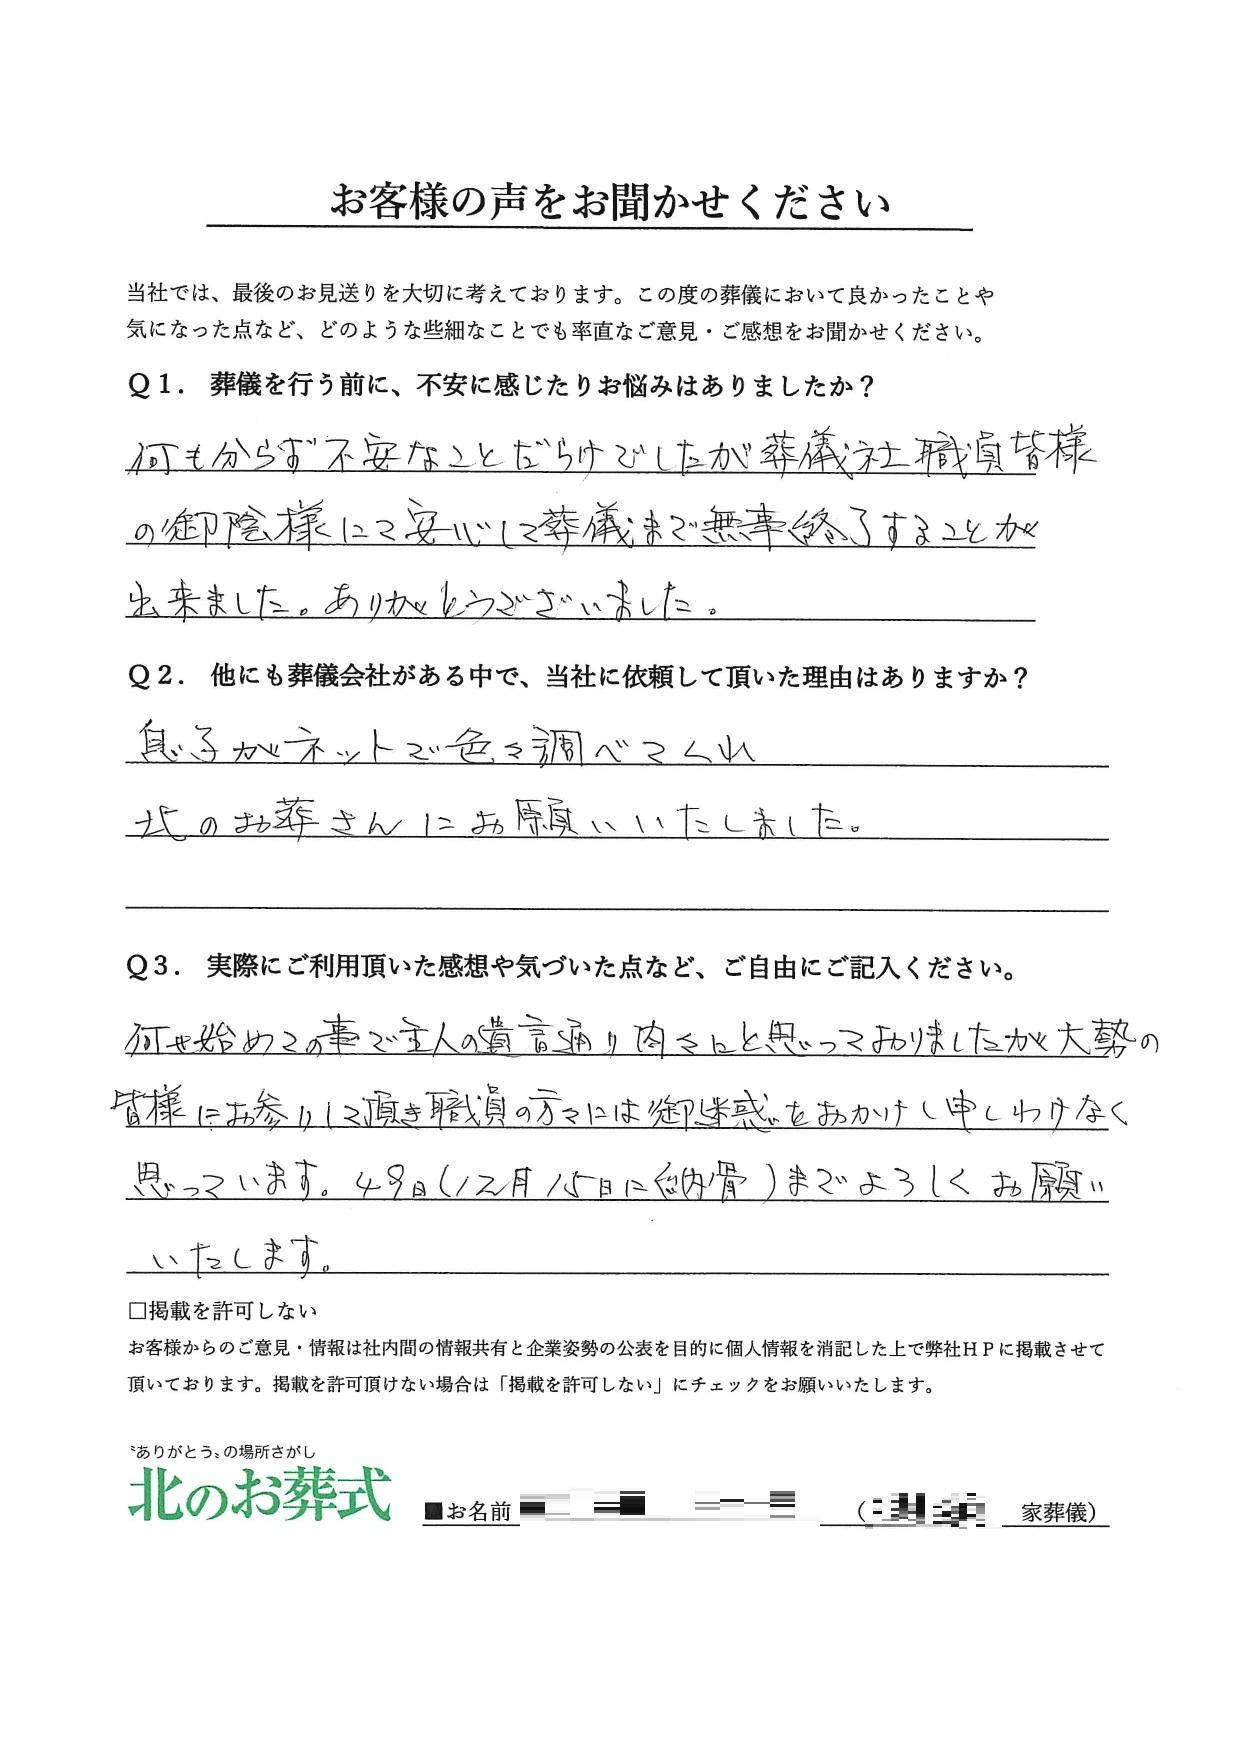 札幌市手稲区葬儀口コミアンケート20181027の葬儀・アンケート